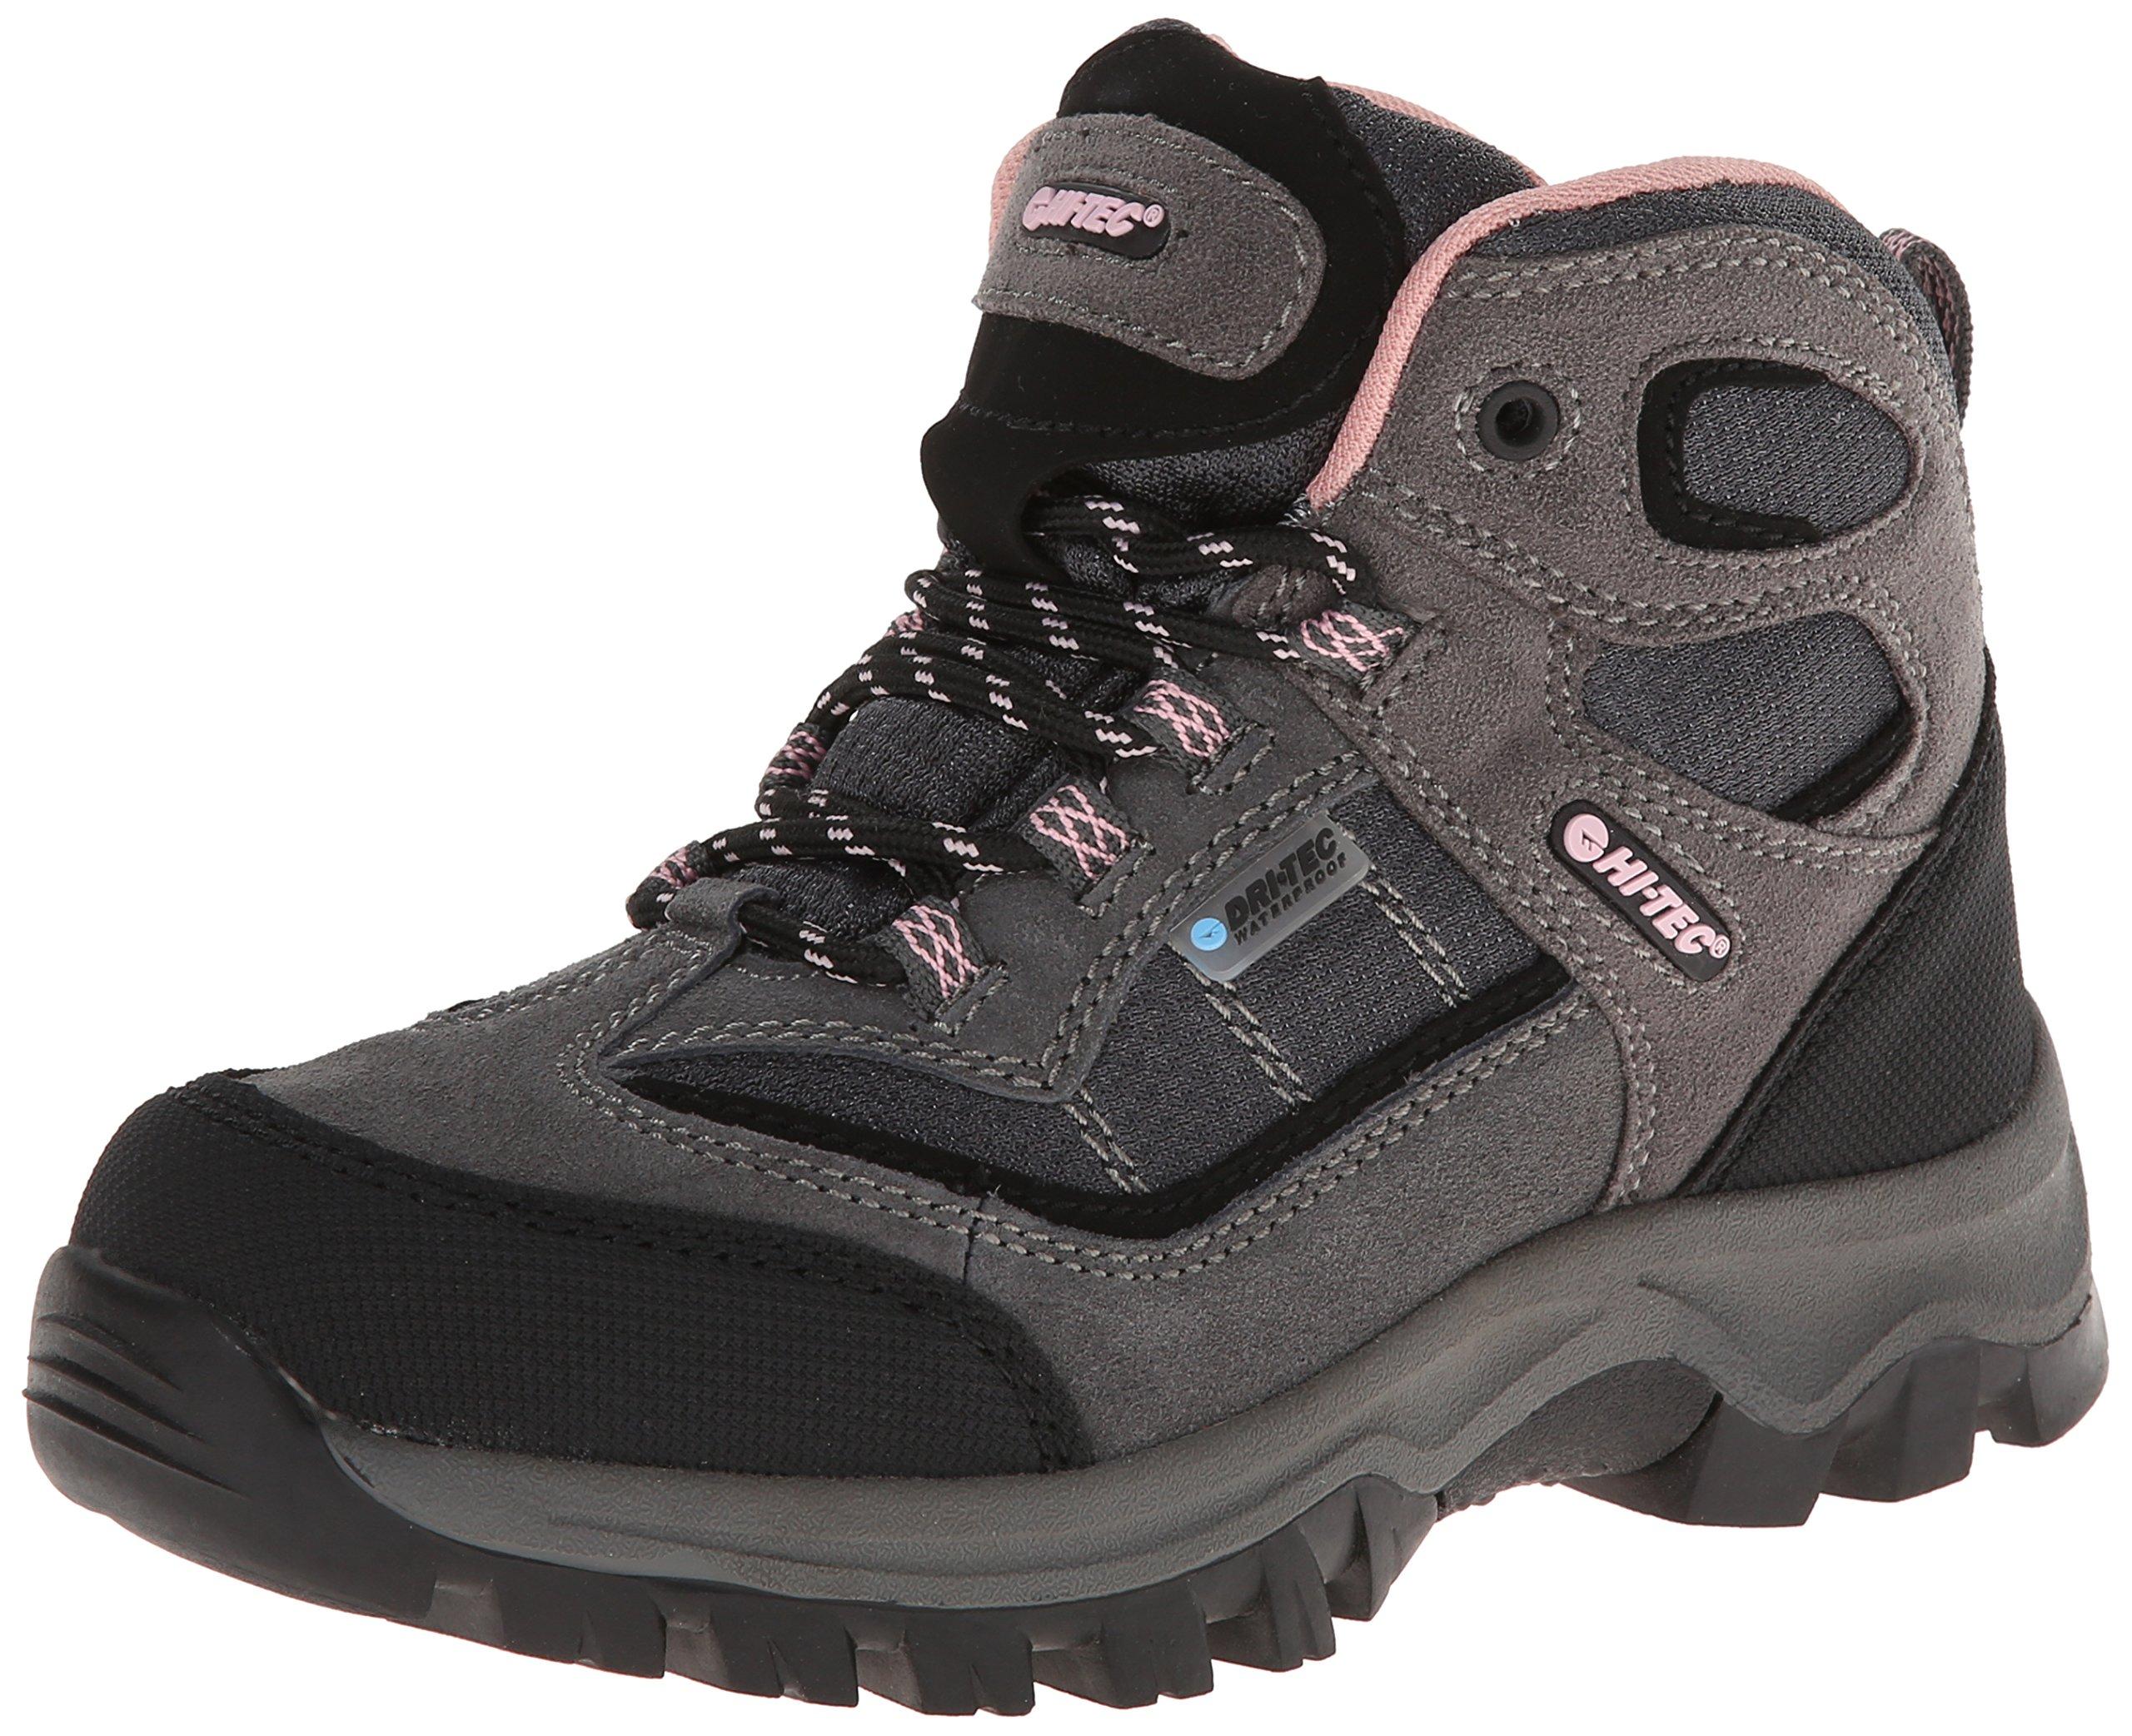 Hi-Tec Kids Unisex Hillside Waterproof Jr hiking Boot (Toddler/Little Kid/Big Kid), Charcoal/Blush, 5.5 M Big Kid